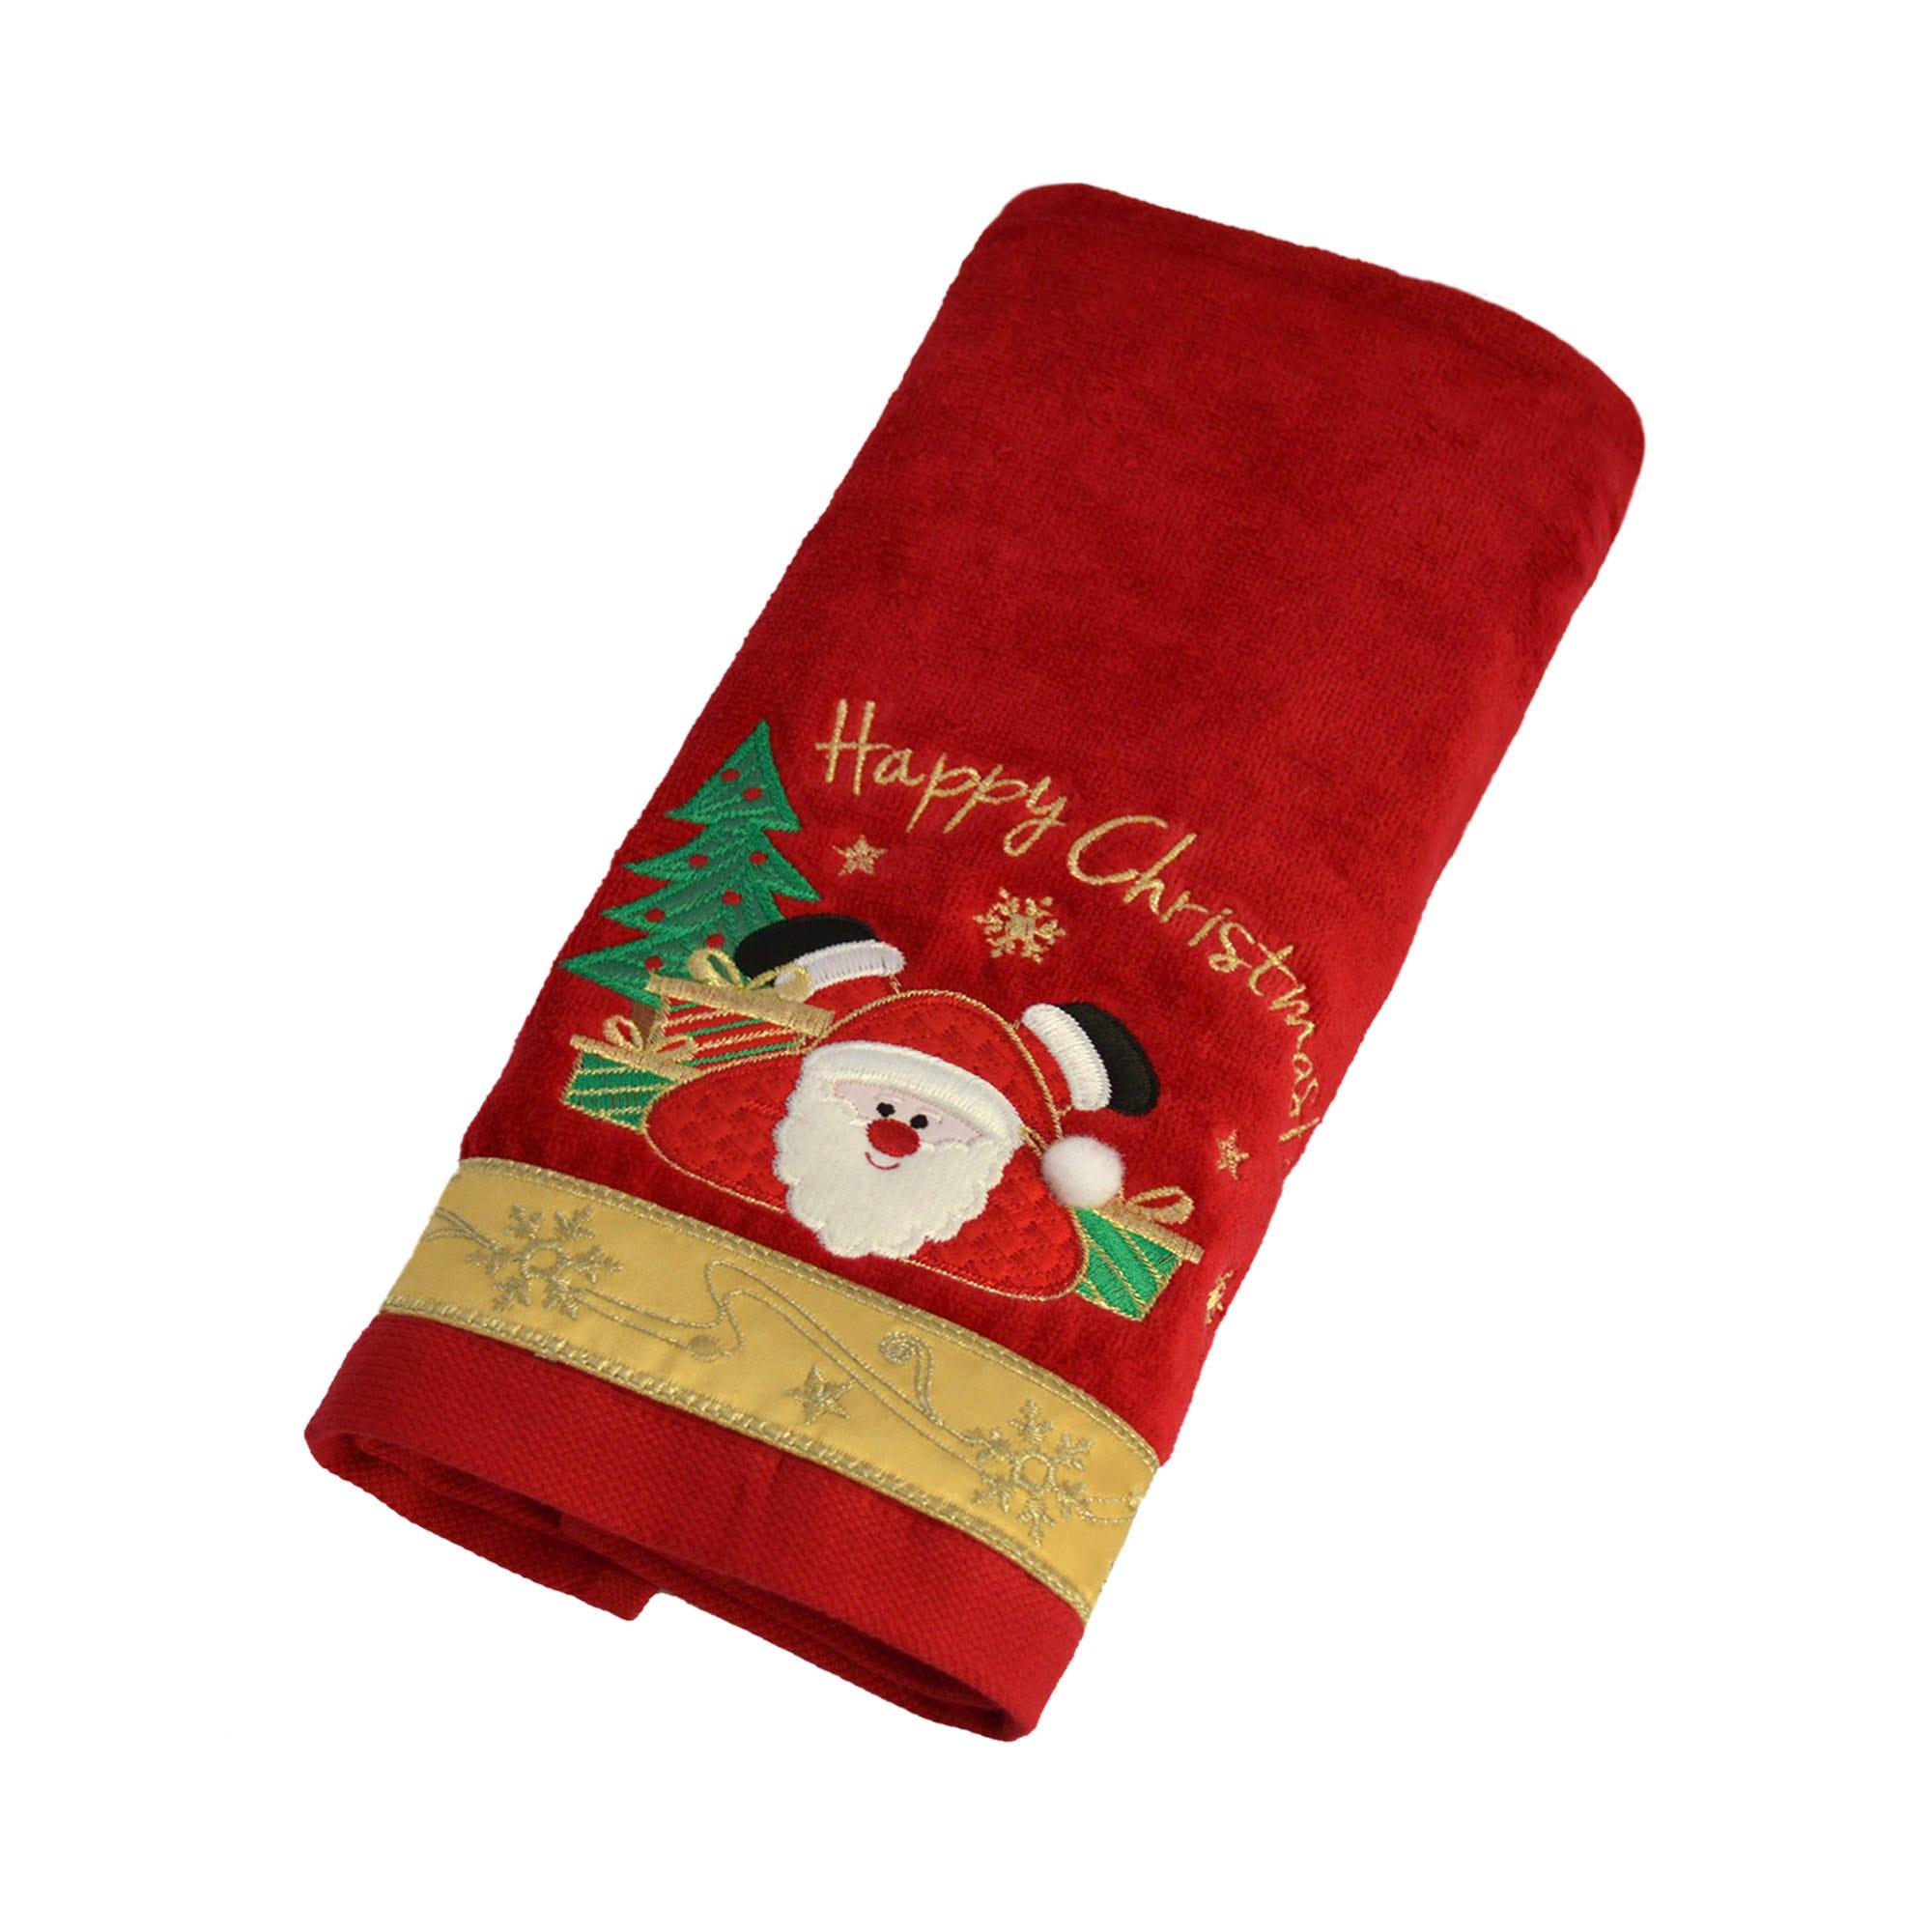 Toalla para manos Happy Santa Xmas en rojo